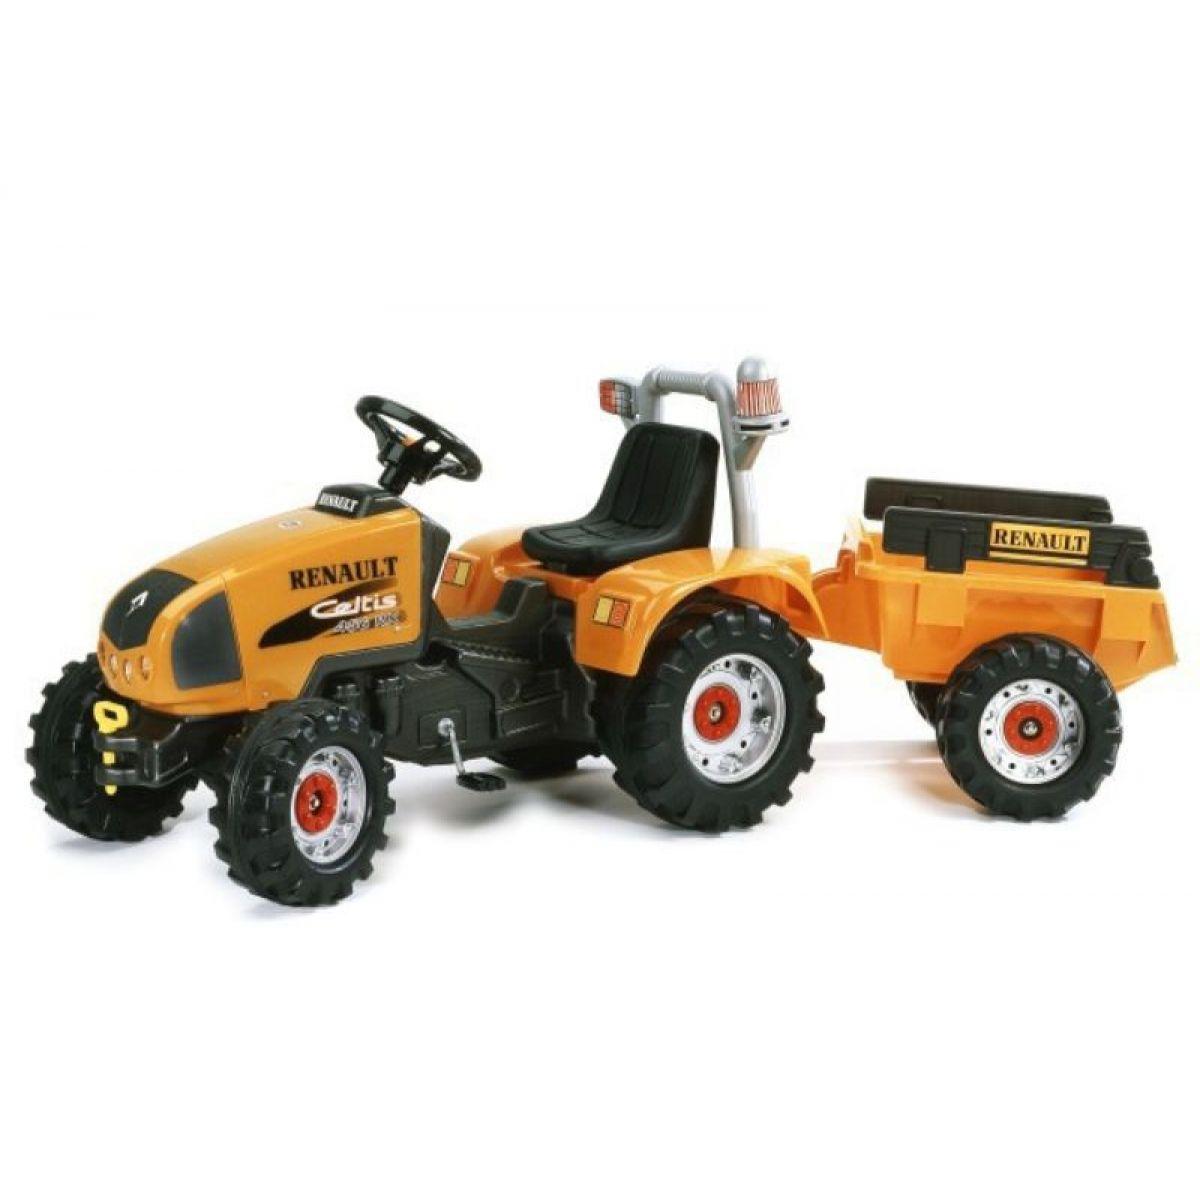 Falk Traktor Renault Celtis 456 RX oranžový + přívěs oranžový